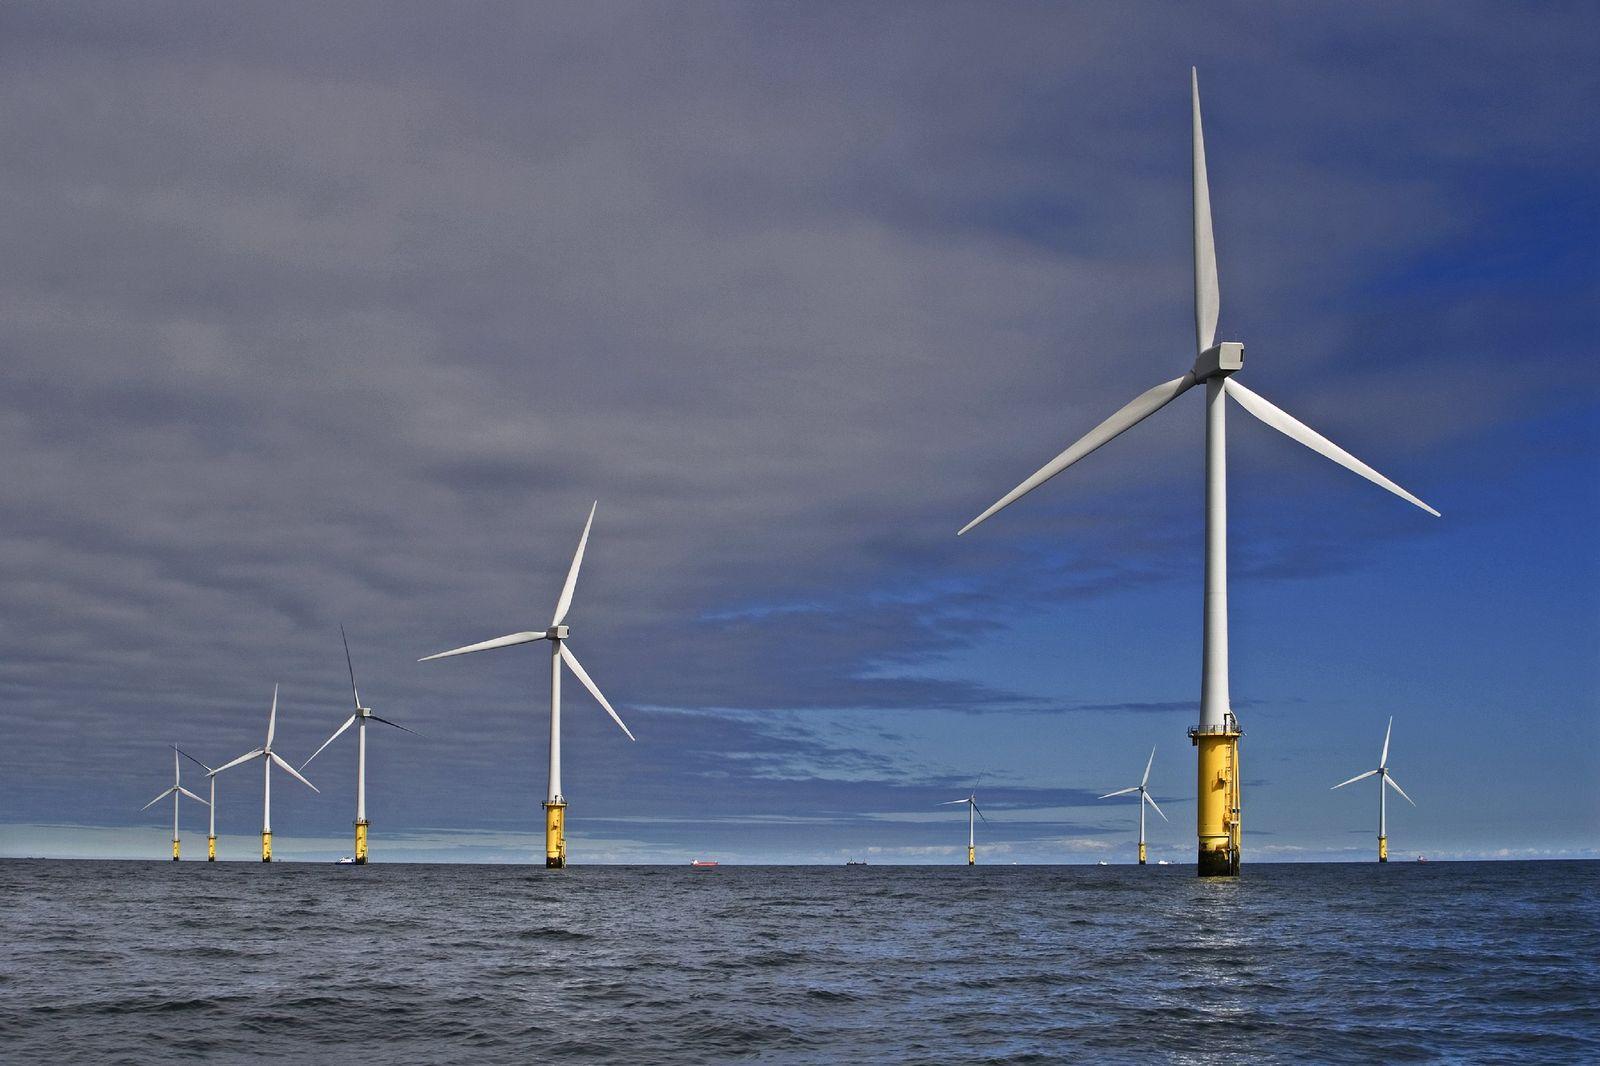 Offshore-Windpark RWE Innogy Windpark vor der Küste von Nordwales